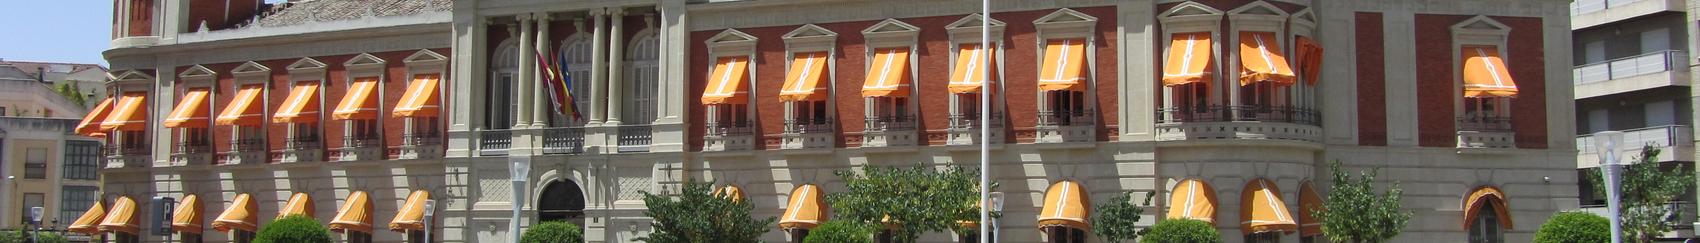 Locapedias de Ciudad Real